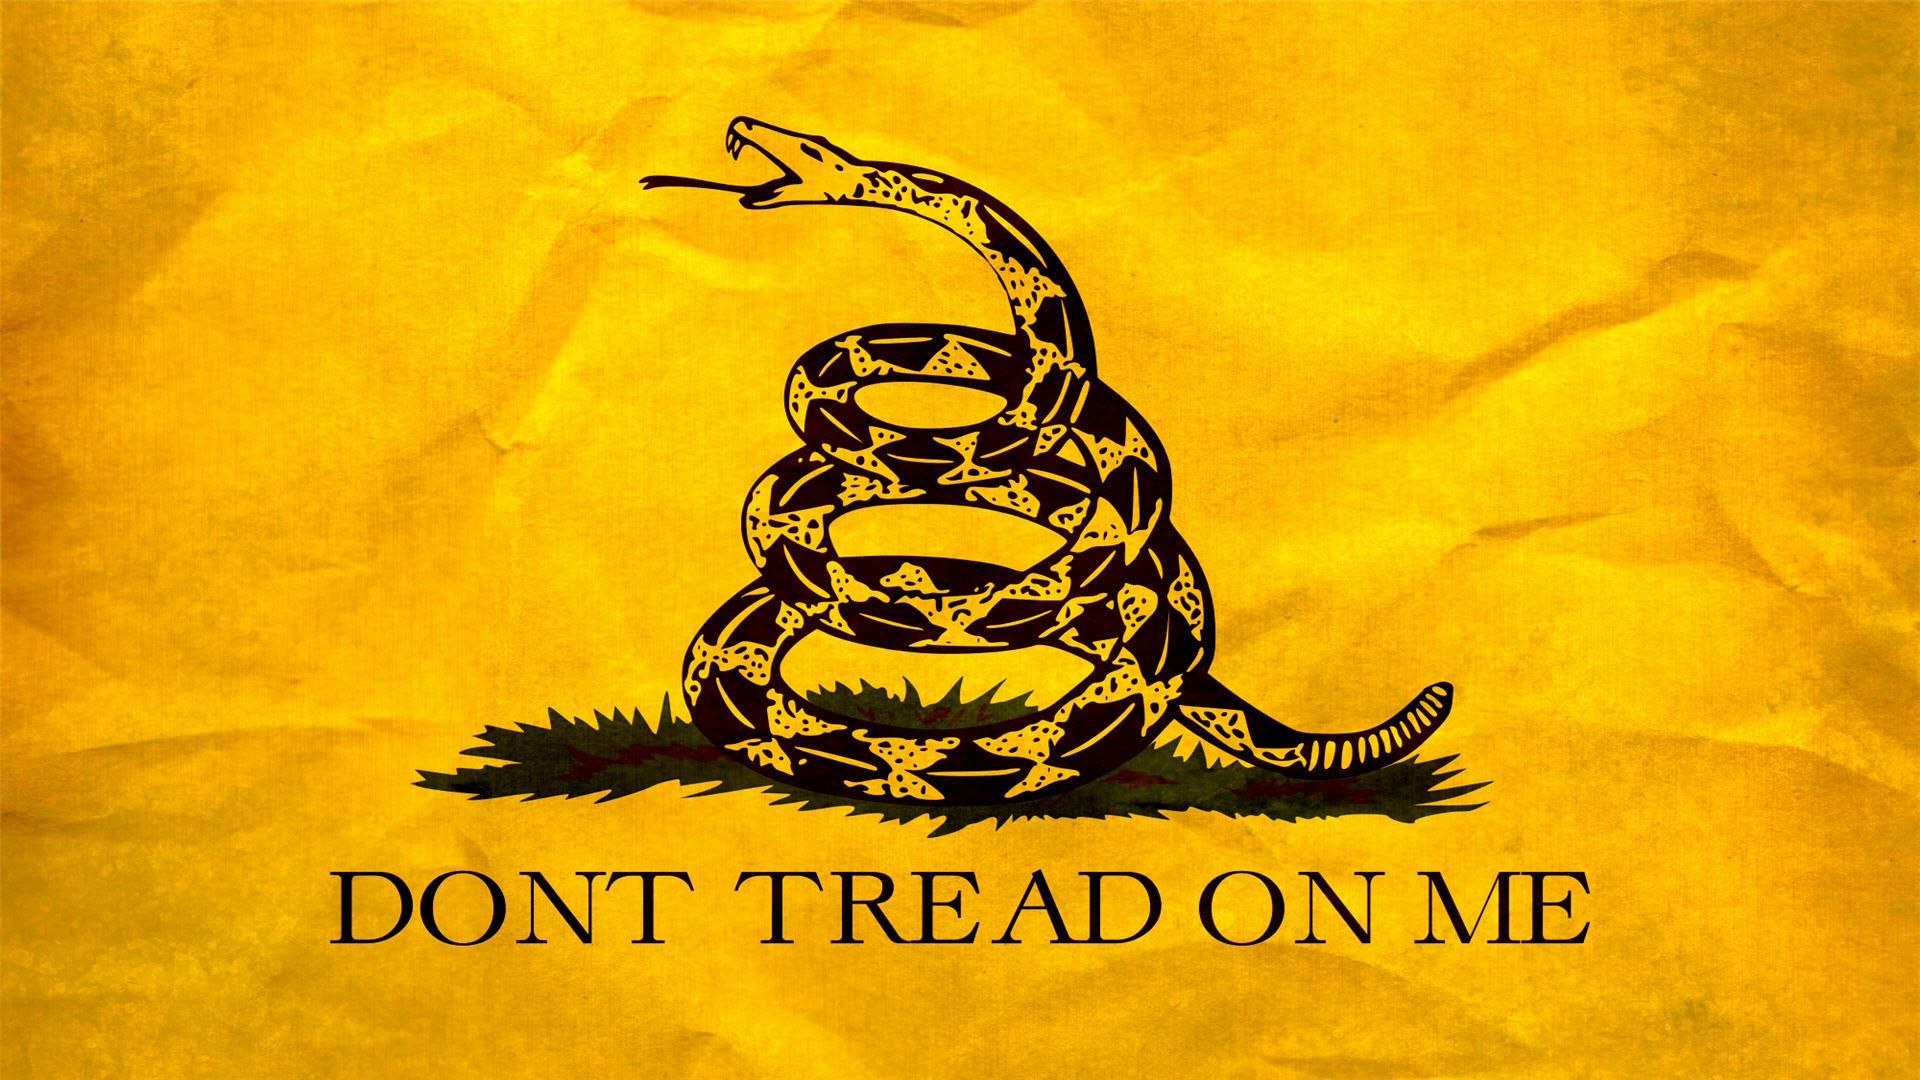 Обои snake, Dont tread on me, Metallica. Музыка foto 10